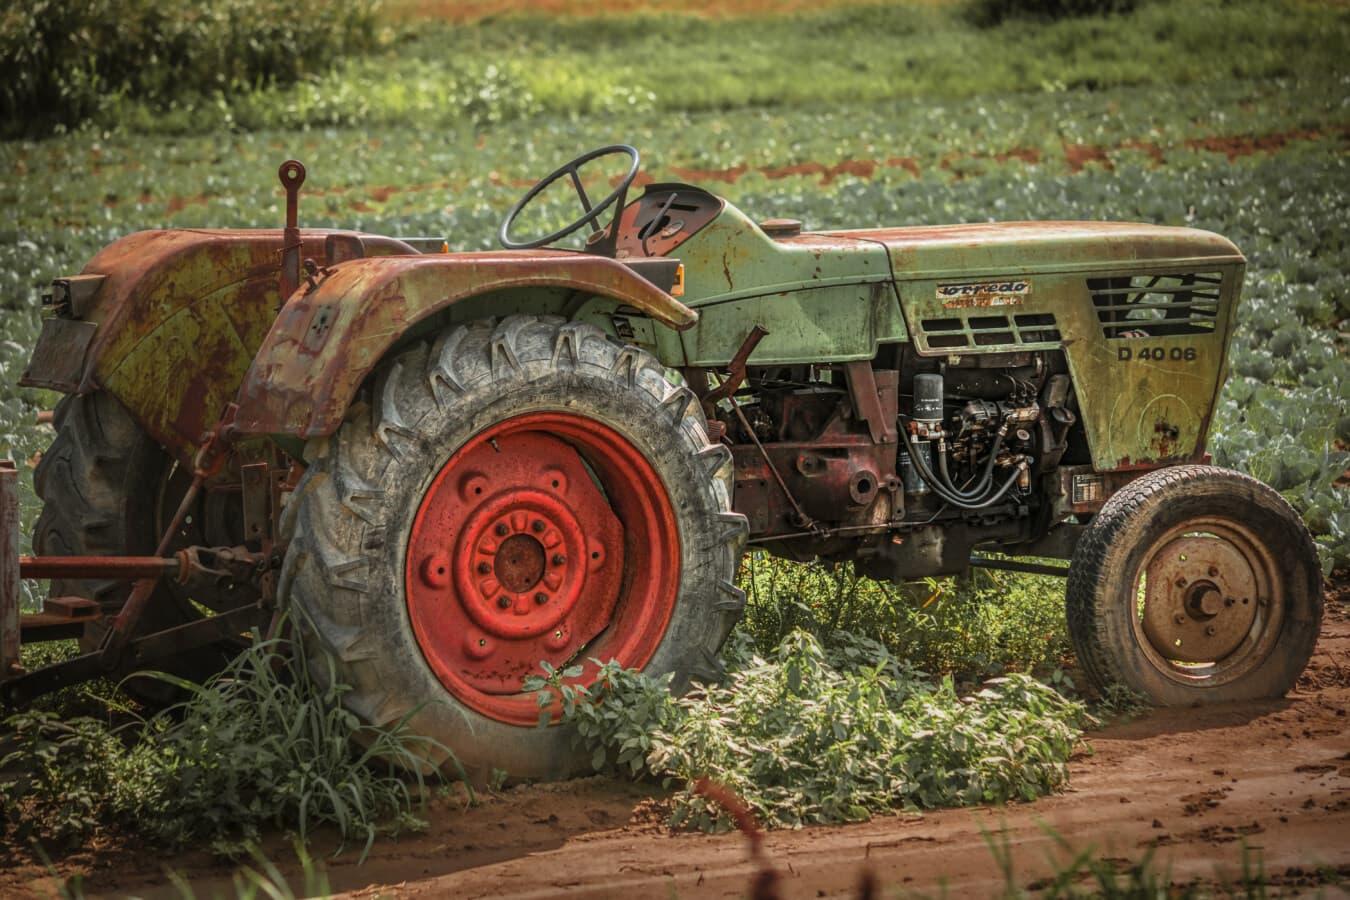 mécanisation, rural, tracteur, véhicule, Agriculture, village, travail sur le terrain, remise en conformité, abandonné, carie